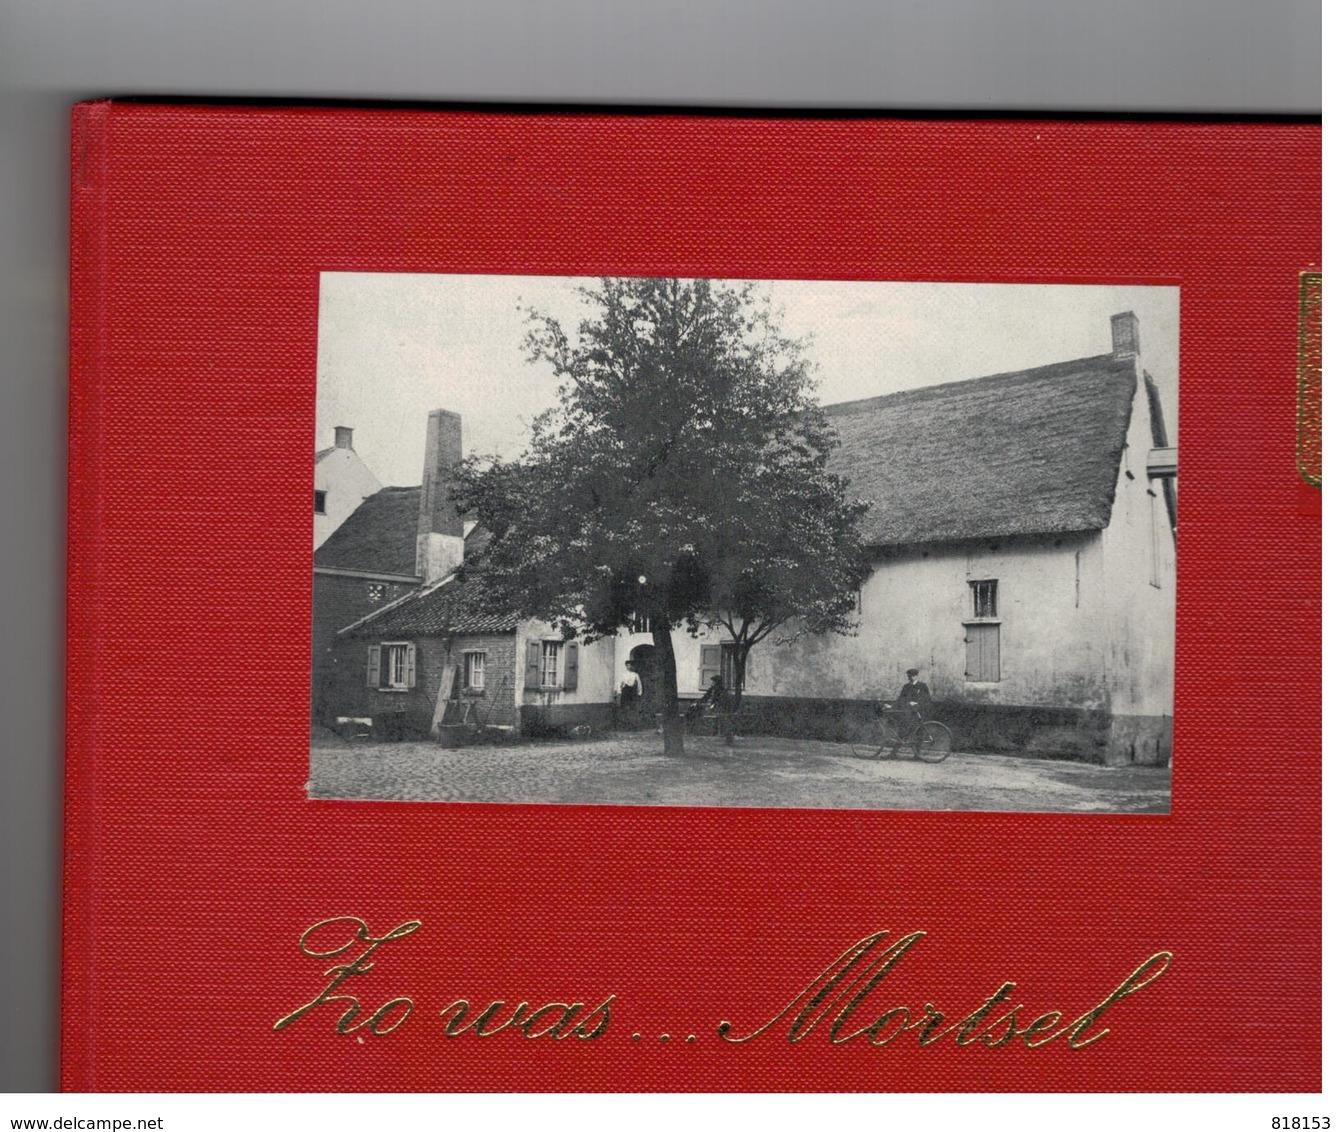 Mortsel In Oude Prentkaarten Zo Was...Mortsel - Mortsel